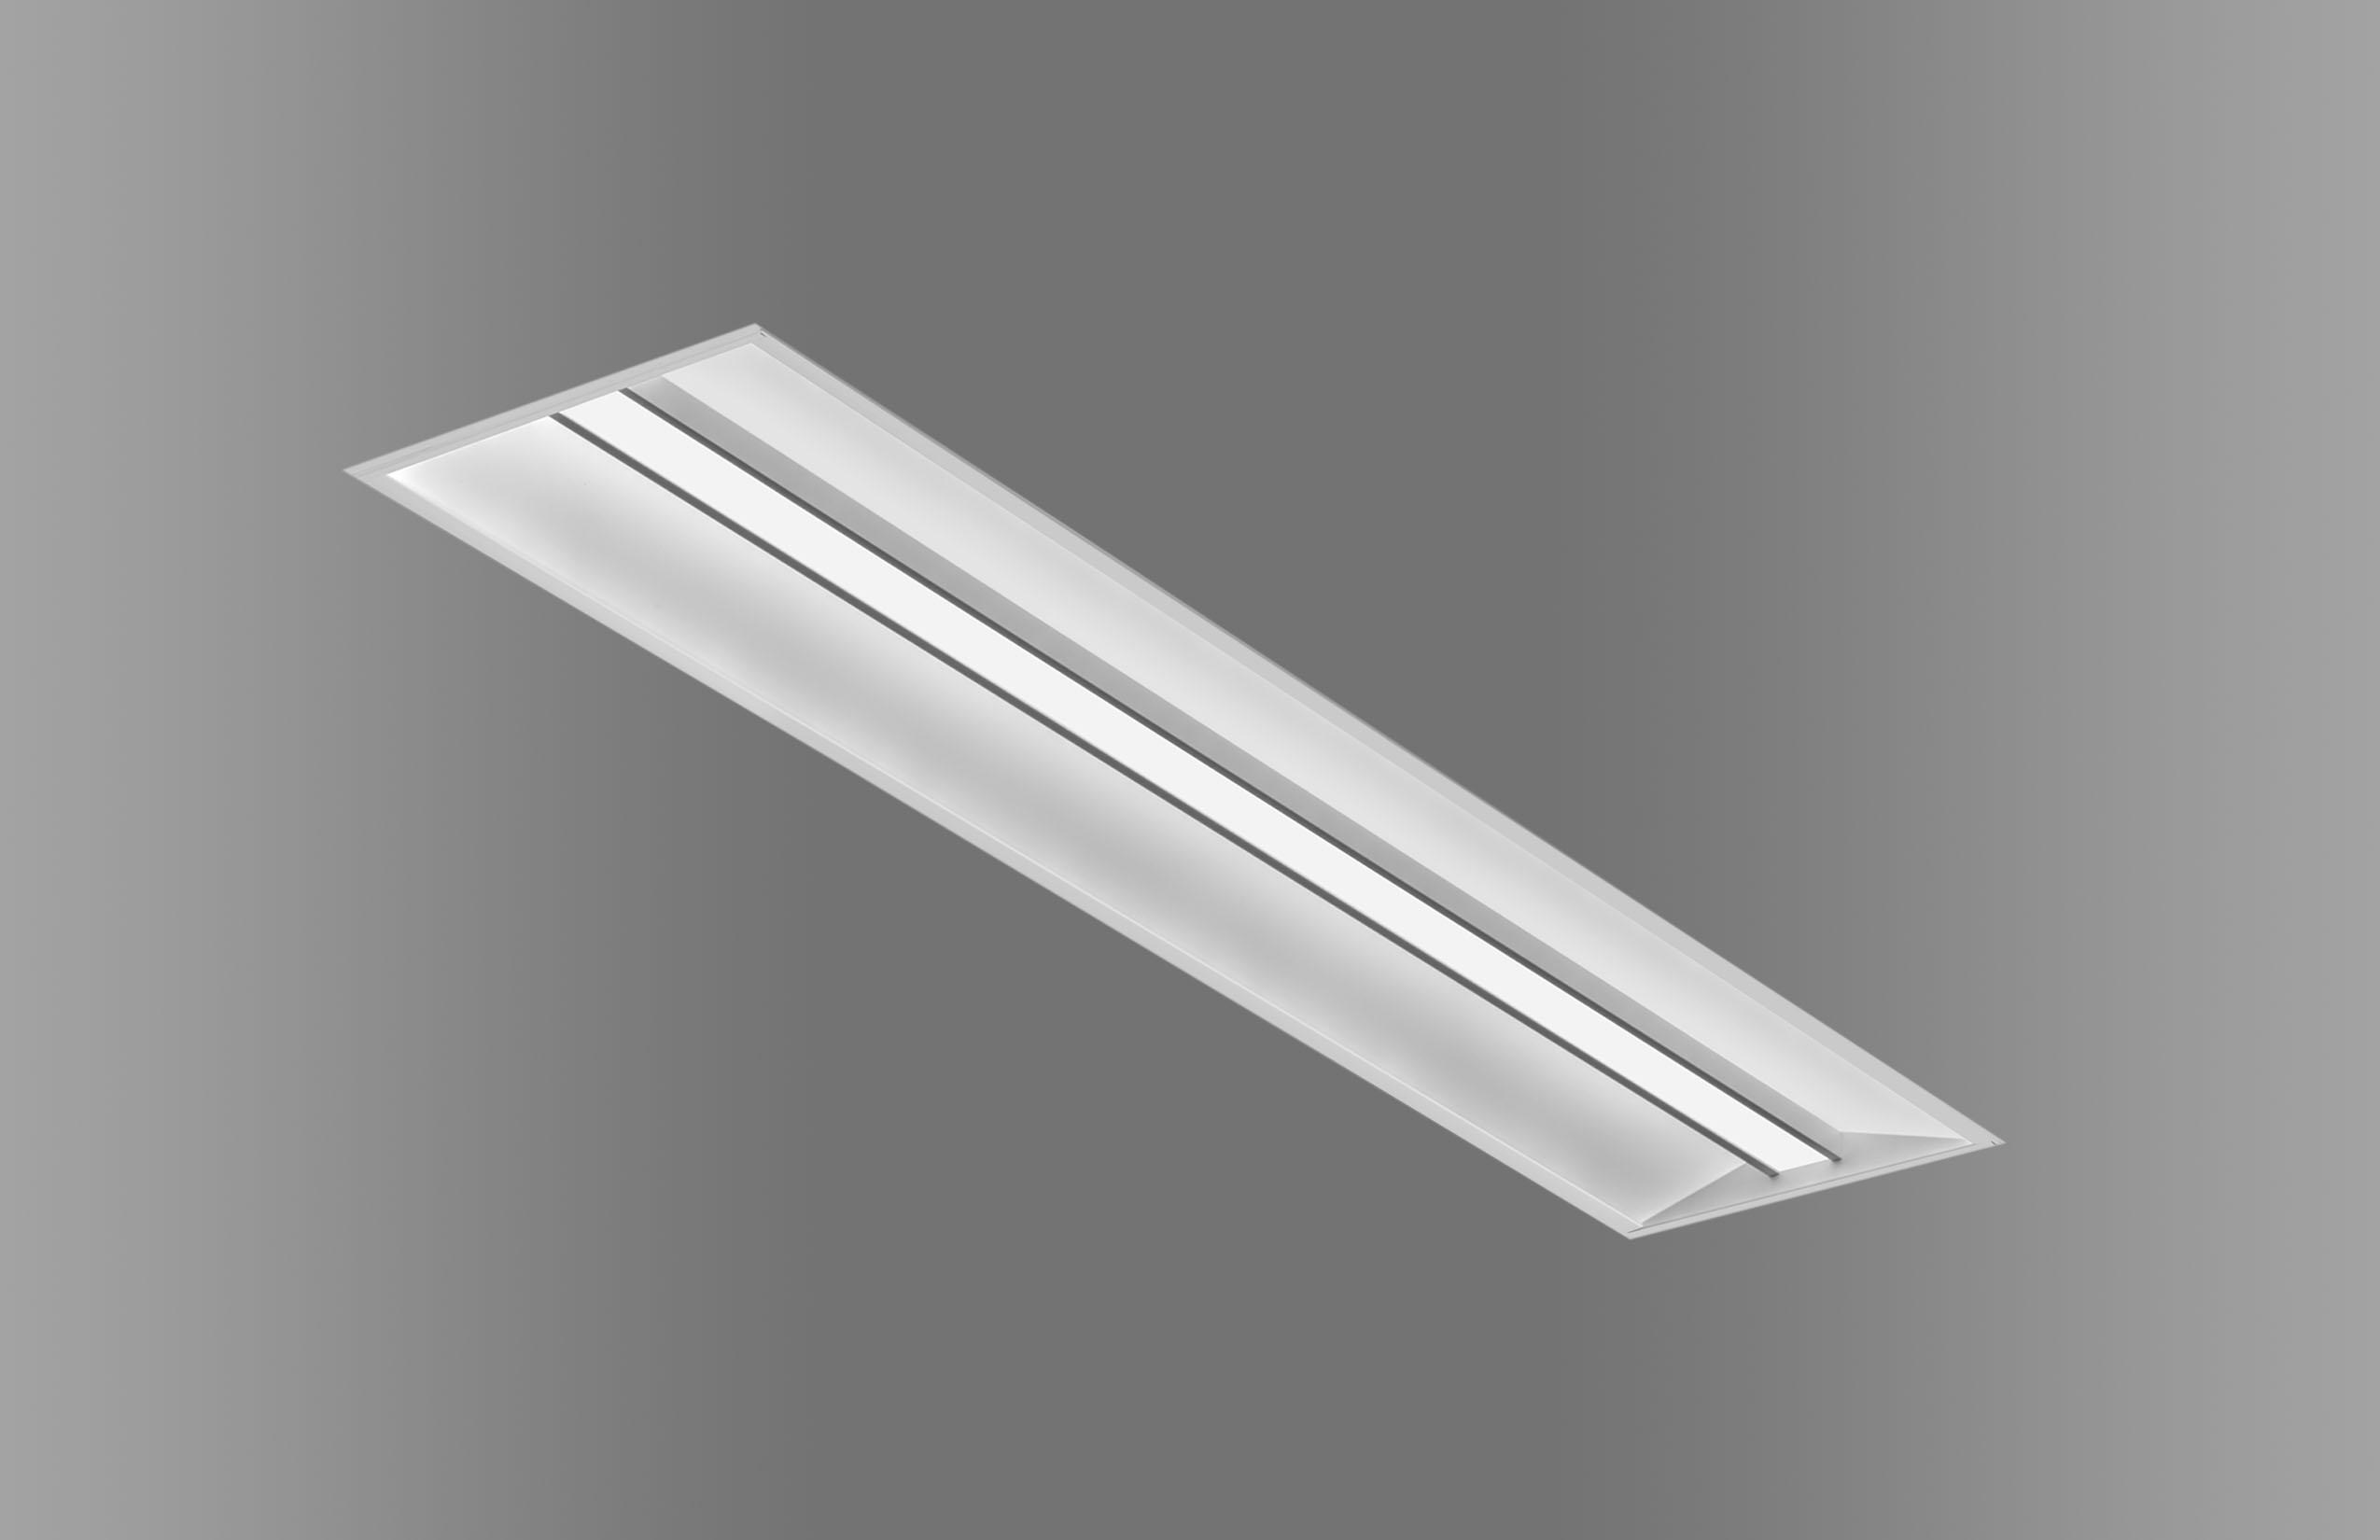 WHSPR LCTR LED